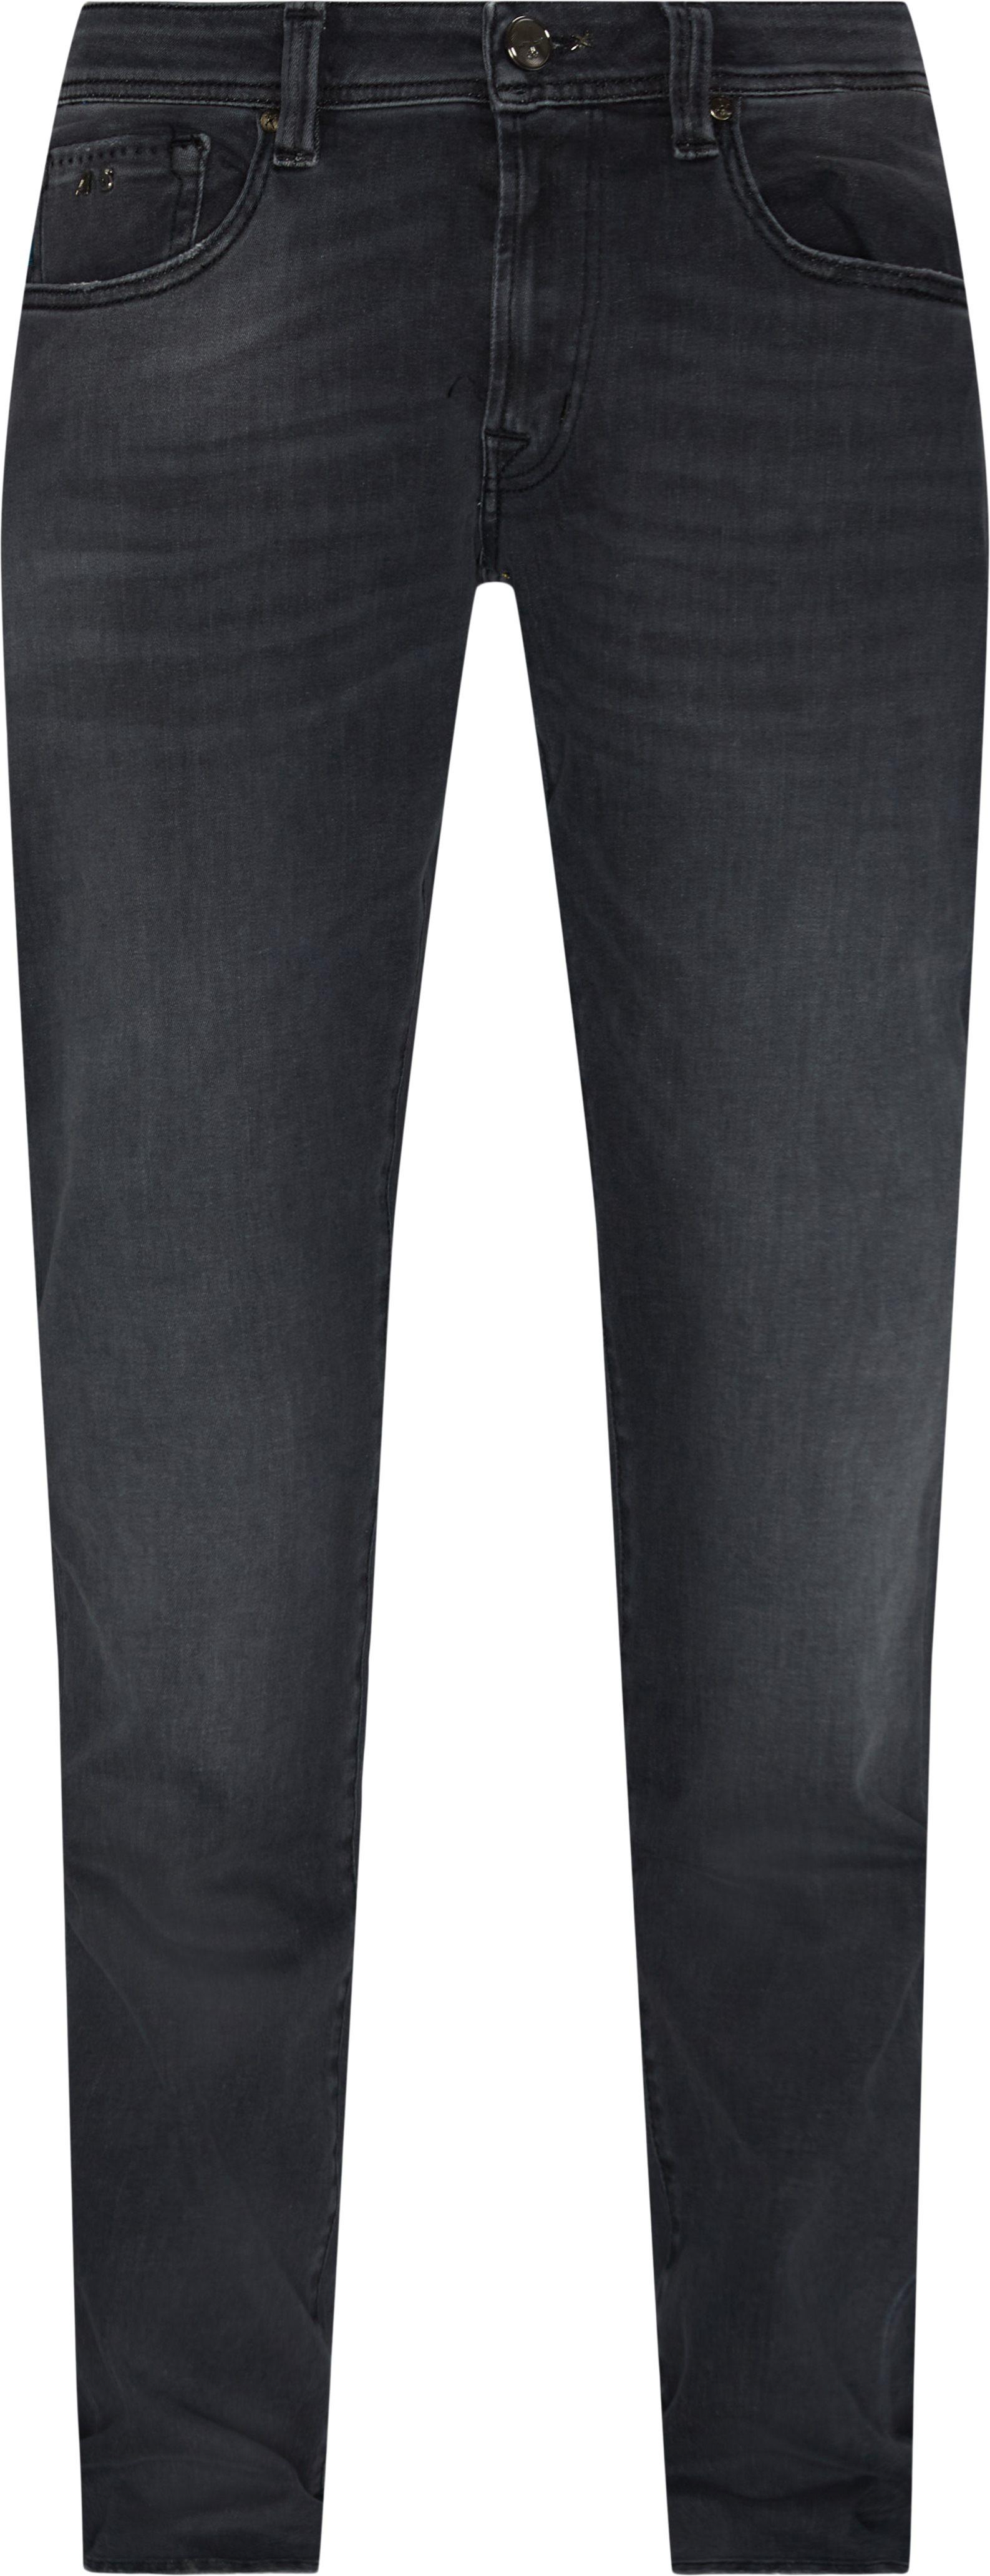 Jeans - Slim fit - Grey